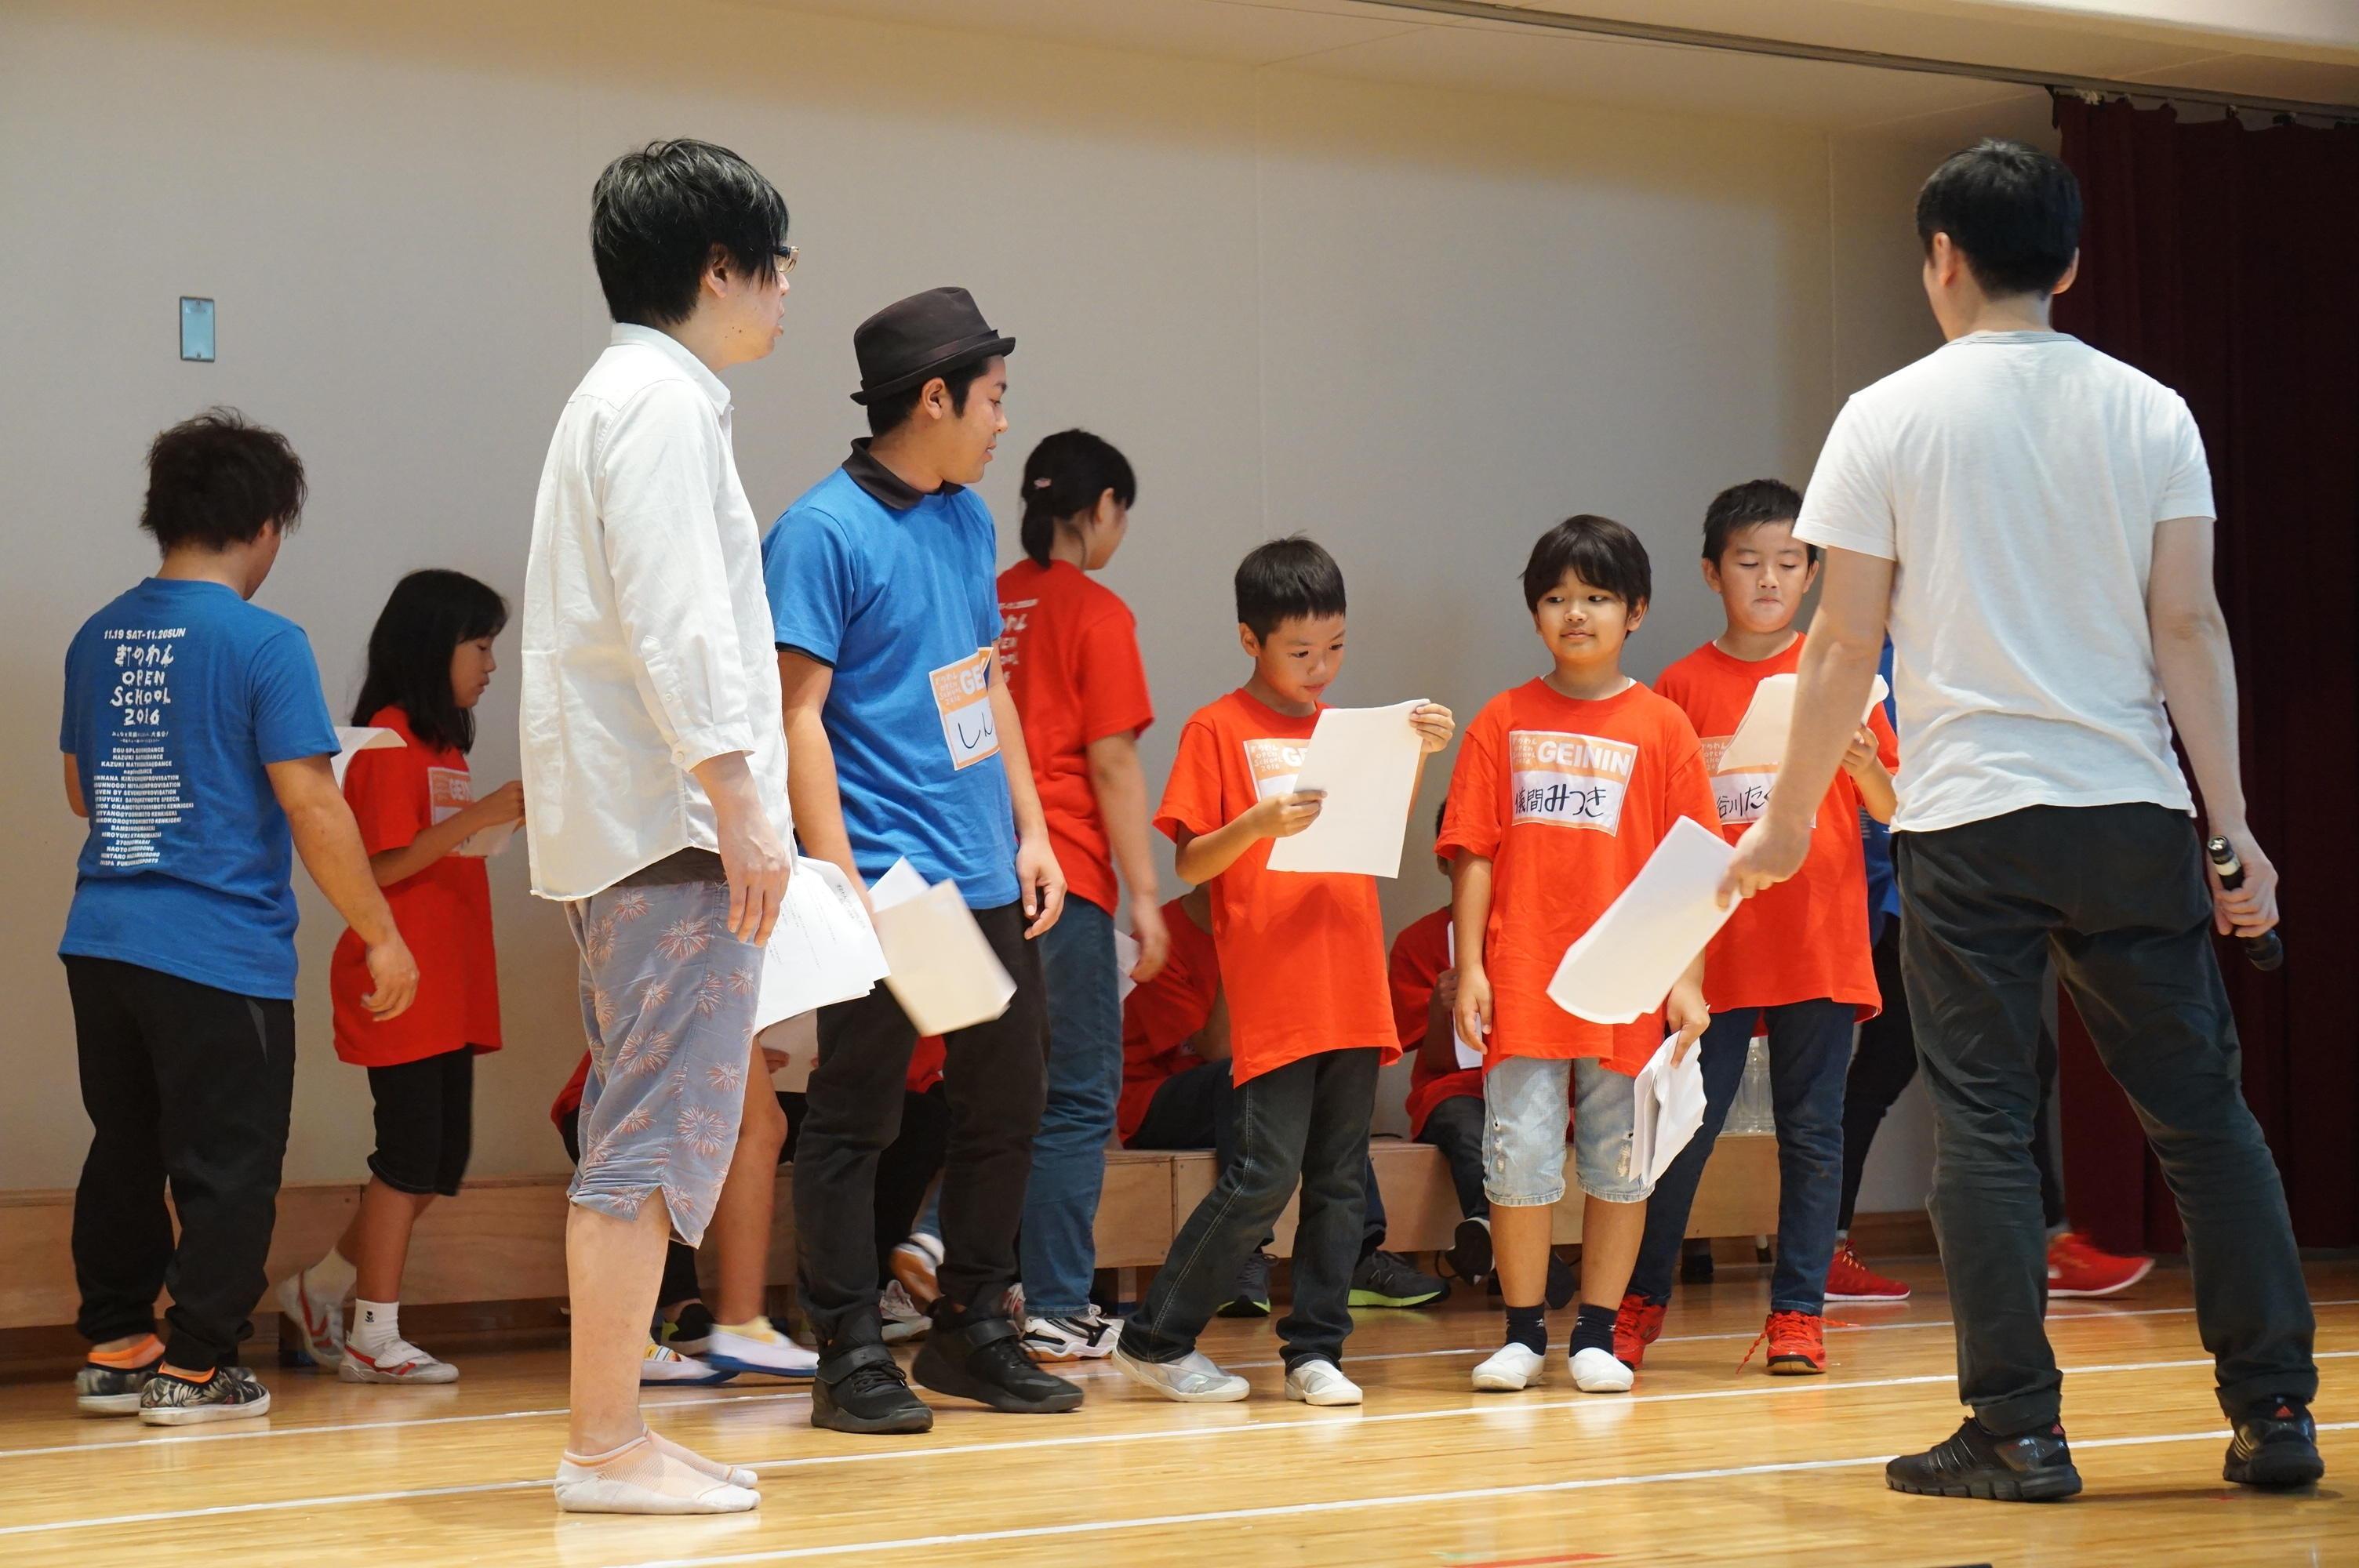 http://news.yoshimoto.co.jp/20161121152347-589a327d6aa13a72c8a703ec050f6f18879fc31b.jpg